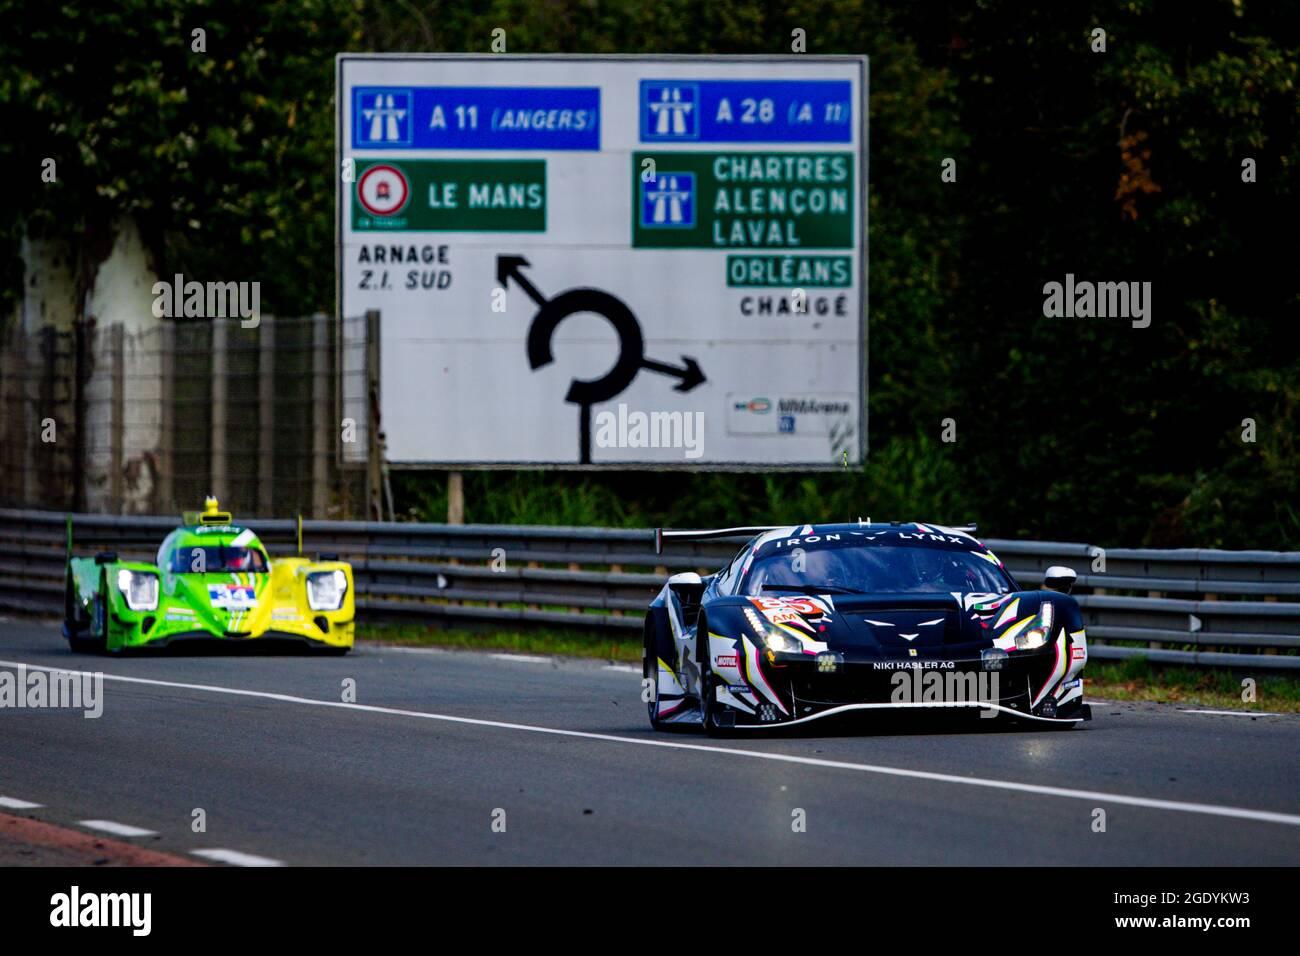 85 Frey Rahel (SWI), Gatting Michelle (dnk), Bovy Sarah (bel), Iron Lynx, Ferrari 488 GTE Evo, Aktion während des Testtages von Le Mans vor dem 4. Lauf der FIA-Langstrecken-Weltmeisterschaft 2021, FIA WEC, auf dem Circuit de la Sarthe, am 15. August 2021 in Le Mans, Frankreich - Foto Joao Filipe / DPPI Stockfoto